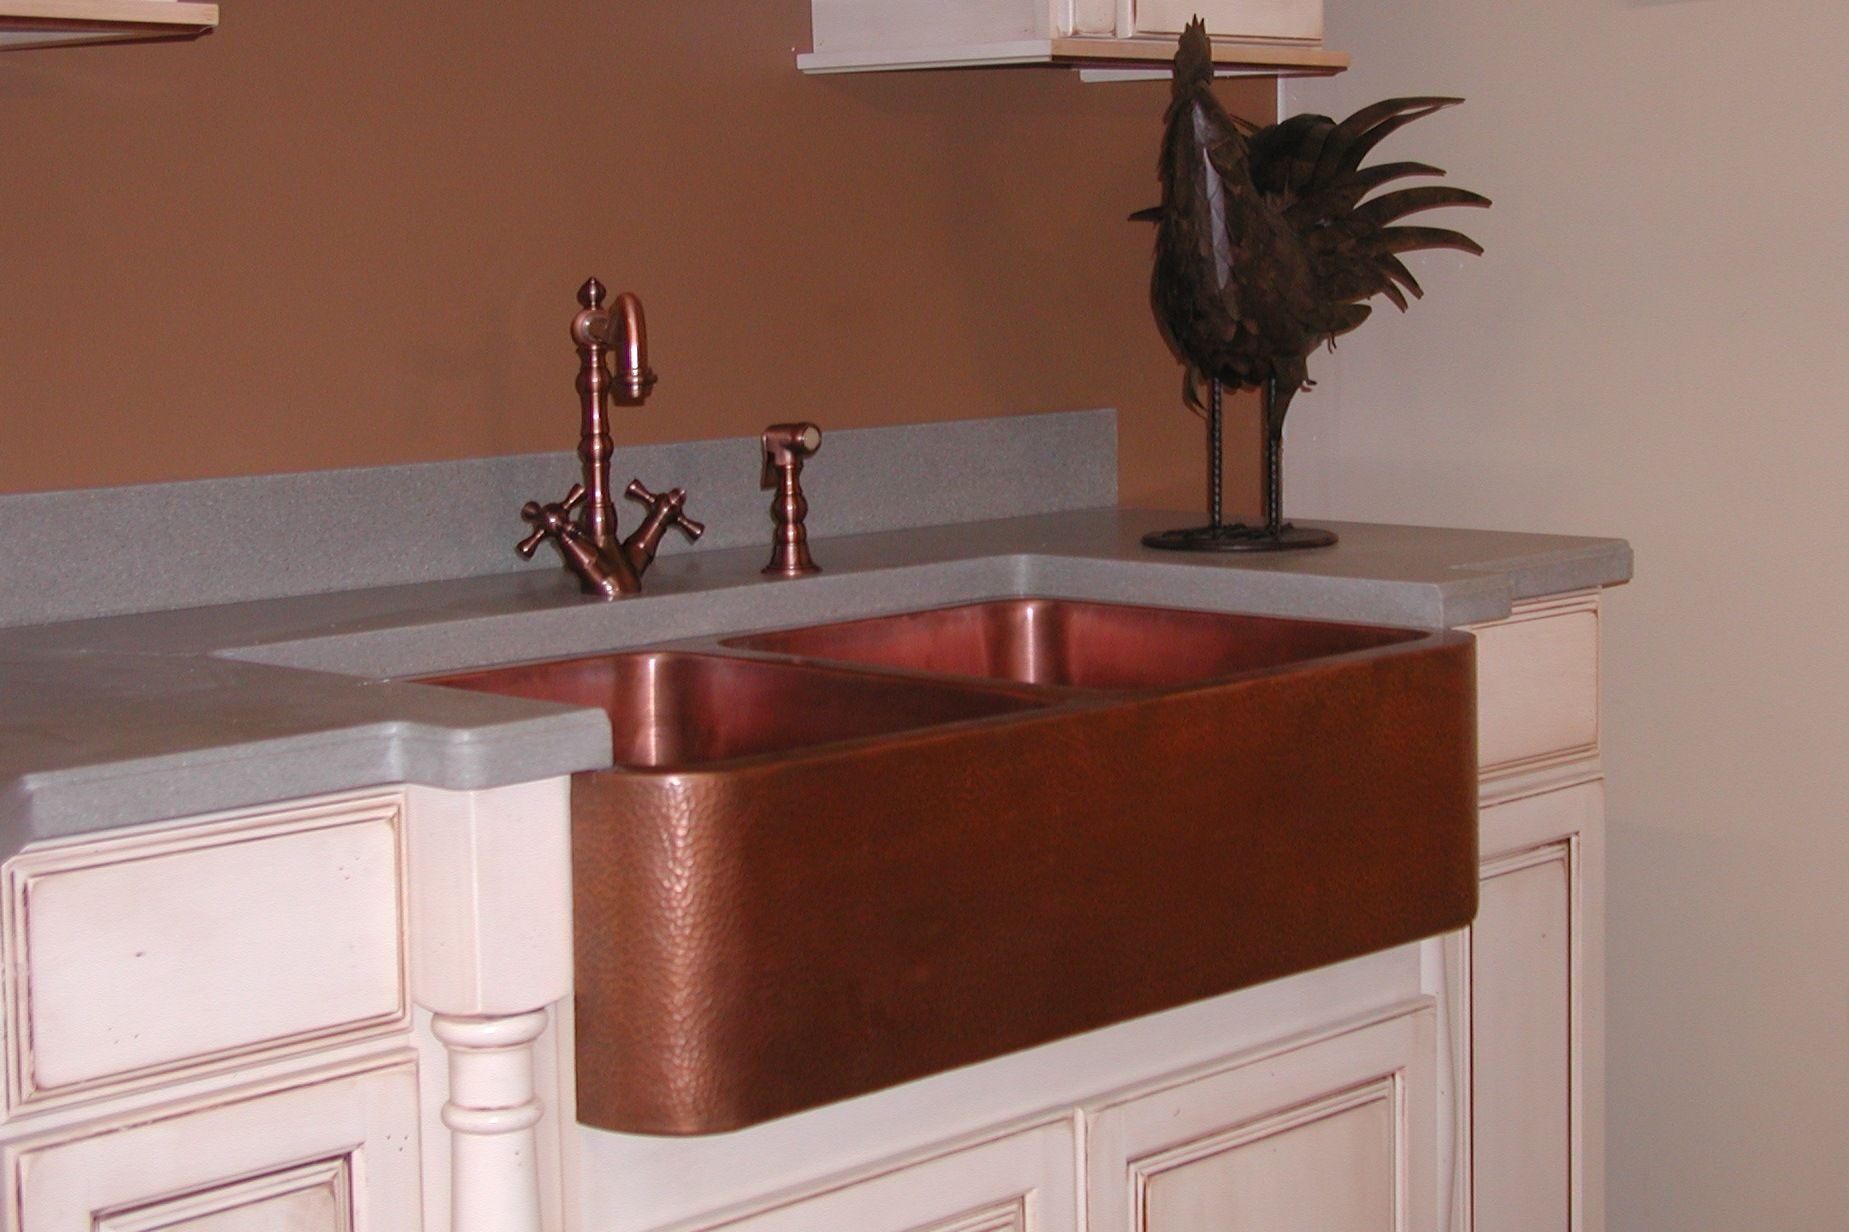 Kitchen Sink Apron front kitchen sink, White undermount